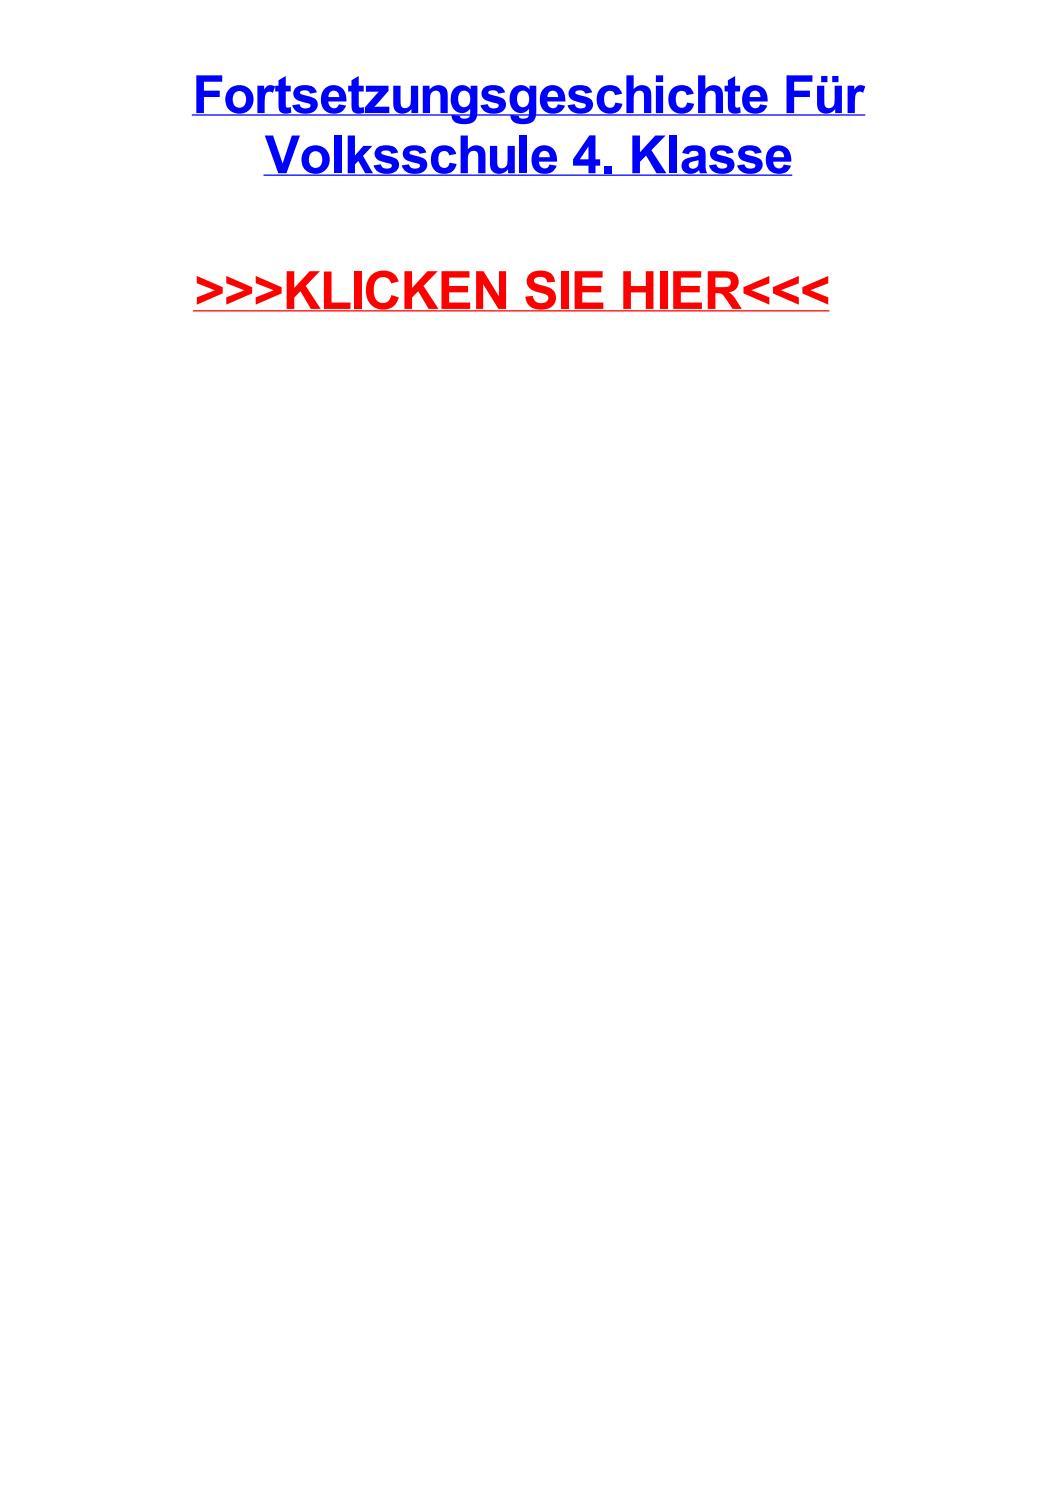 Fortsetzungsgeschichte fjr volksschule 4 klasse by laurienoddd - issuu